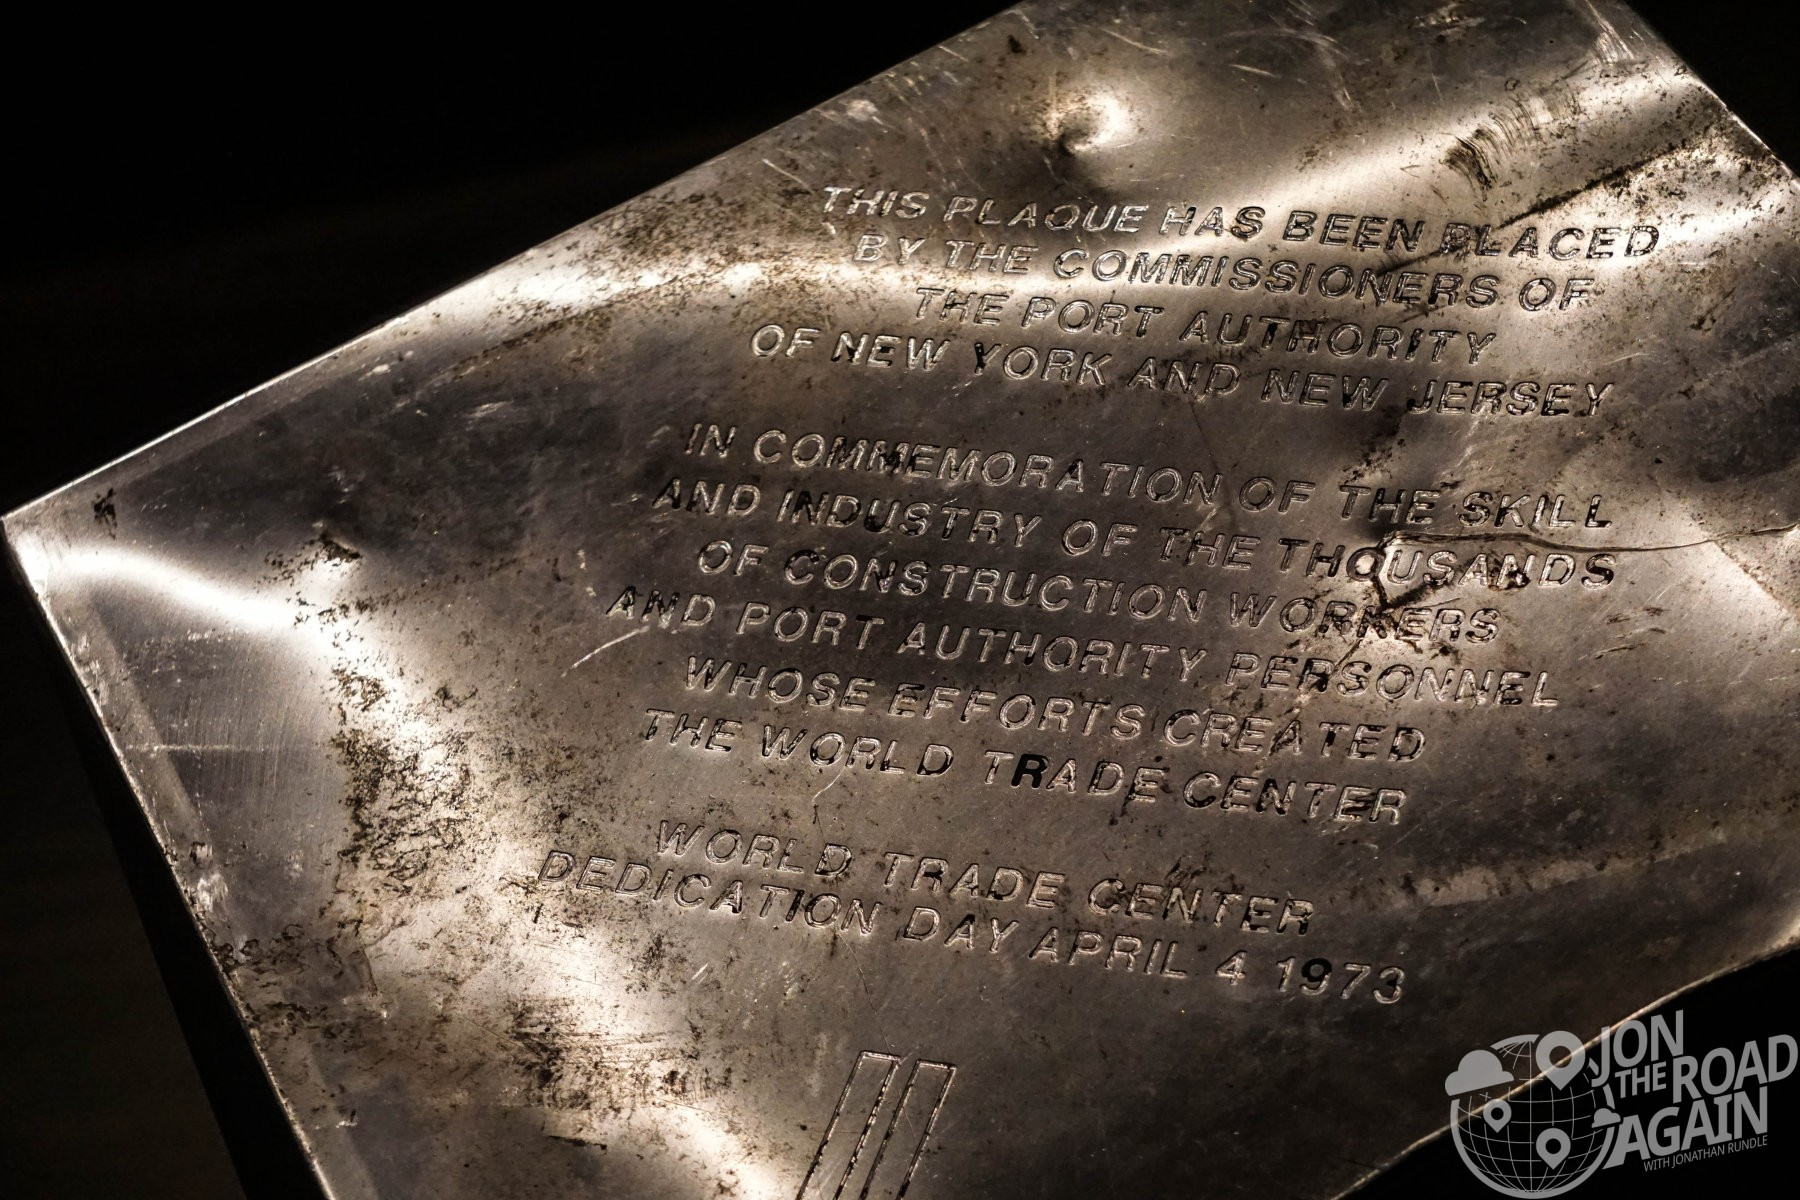 World Trade Center Plaque